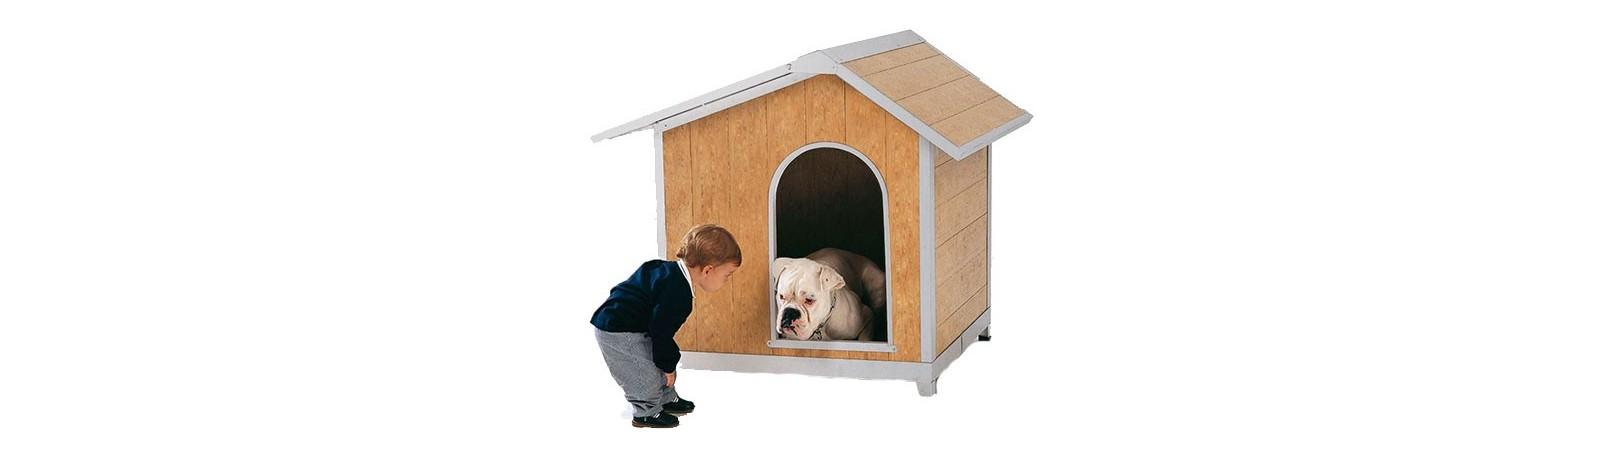 Fabricante de Casetas para perros